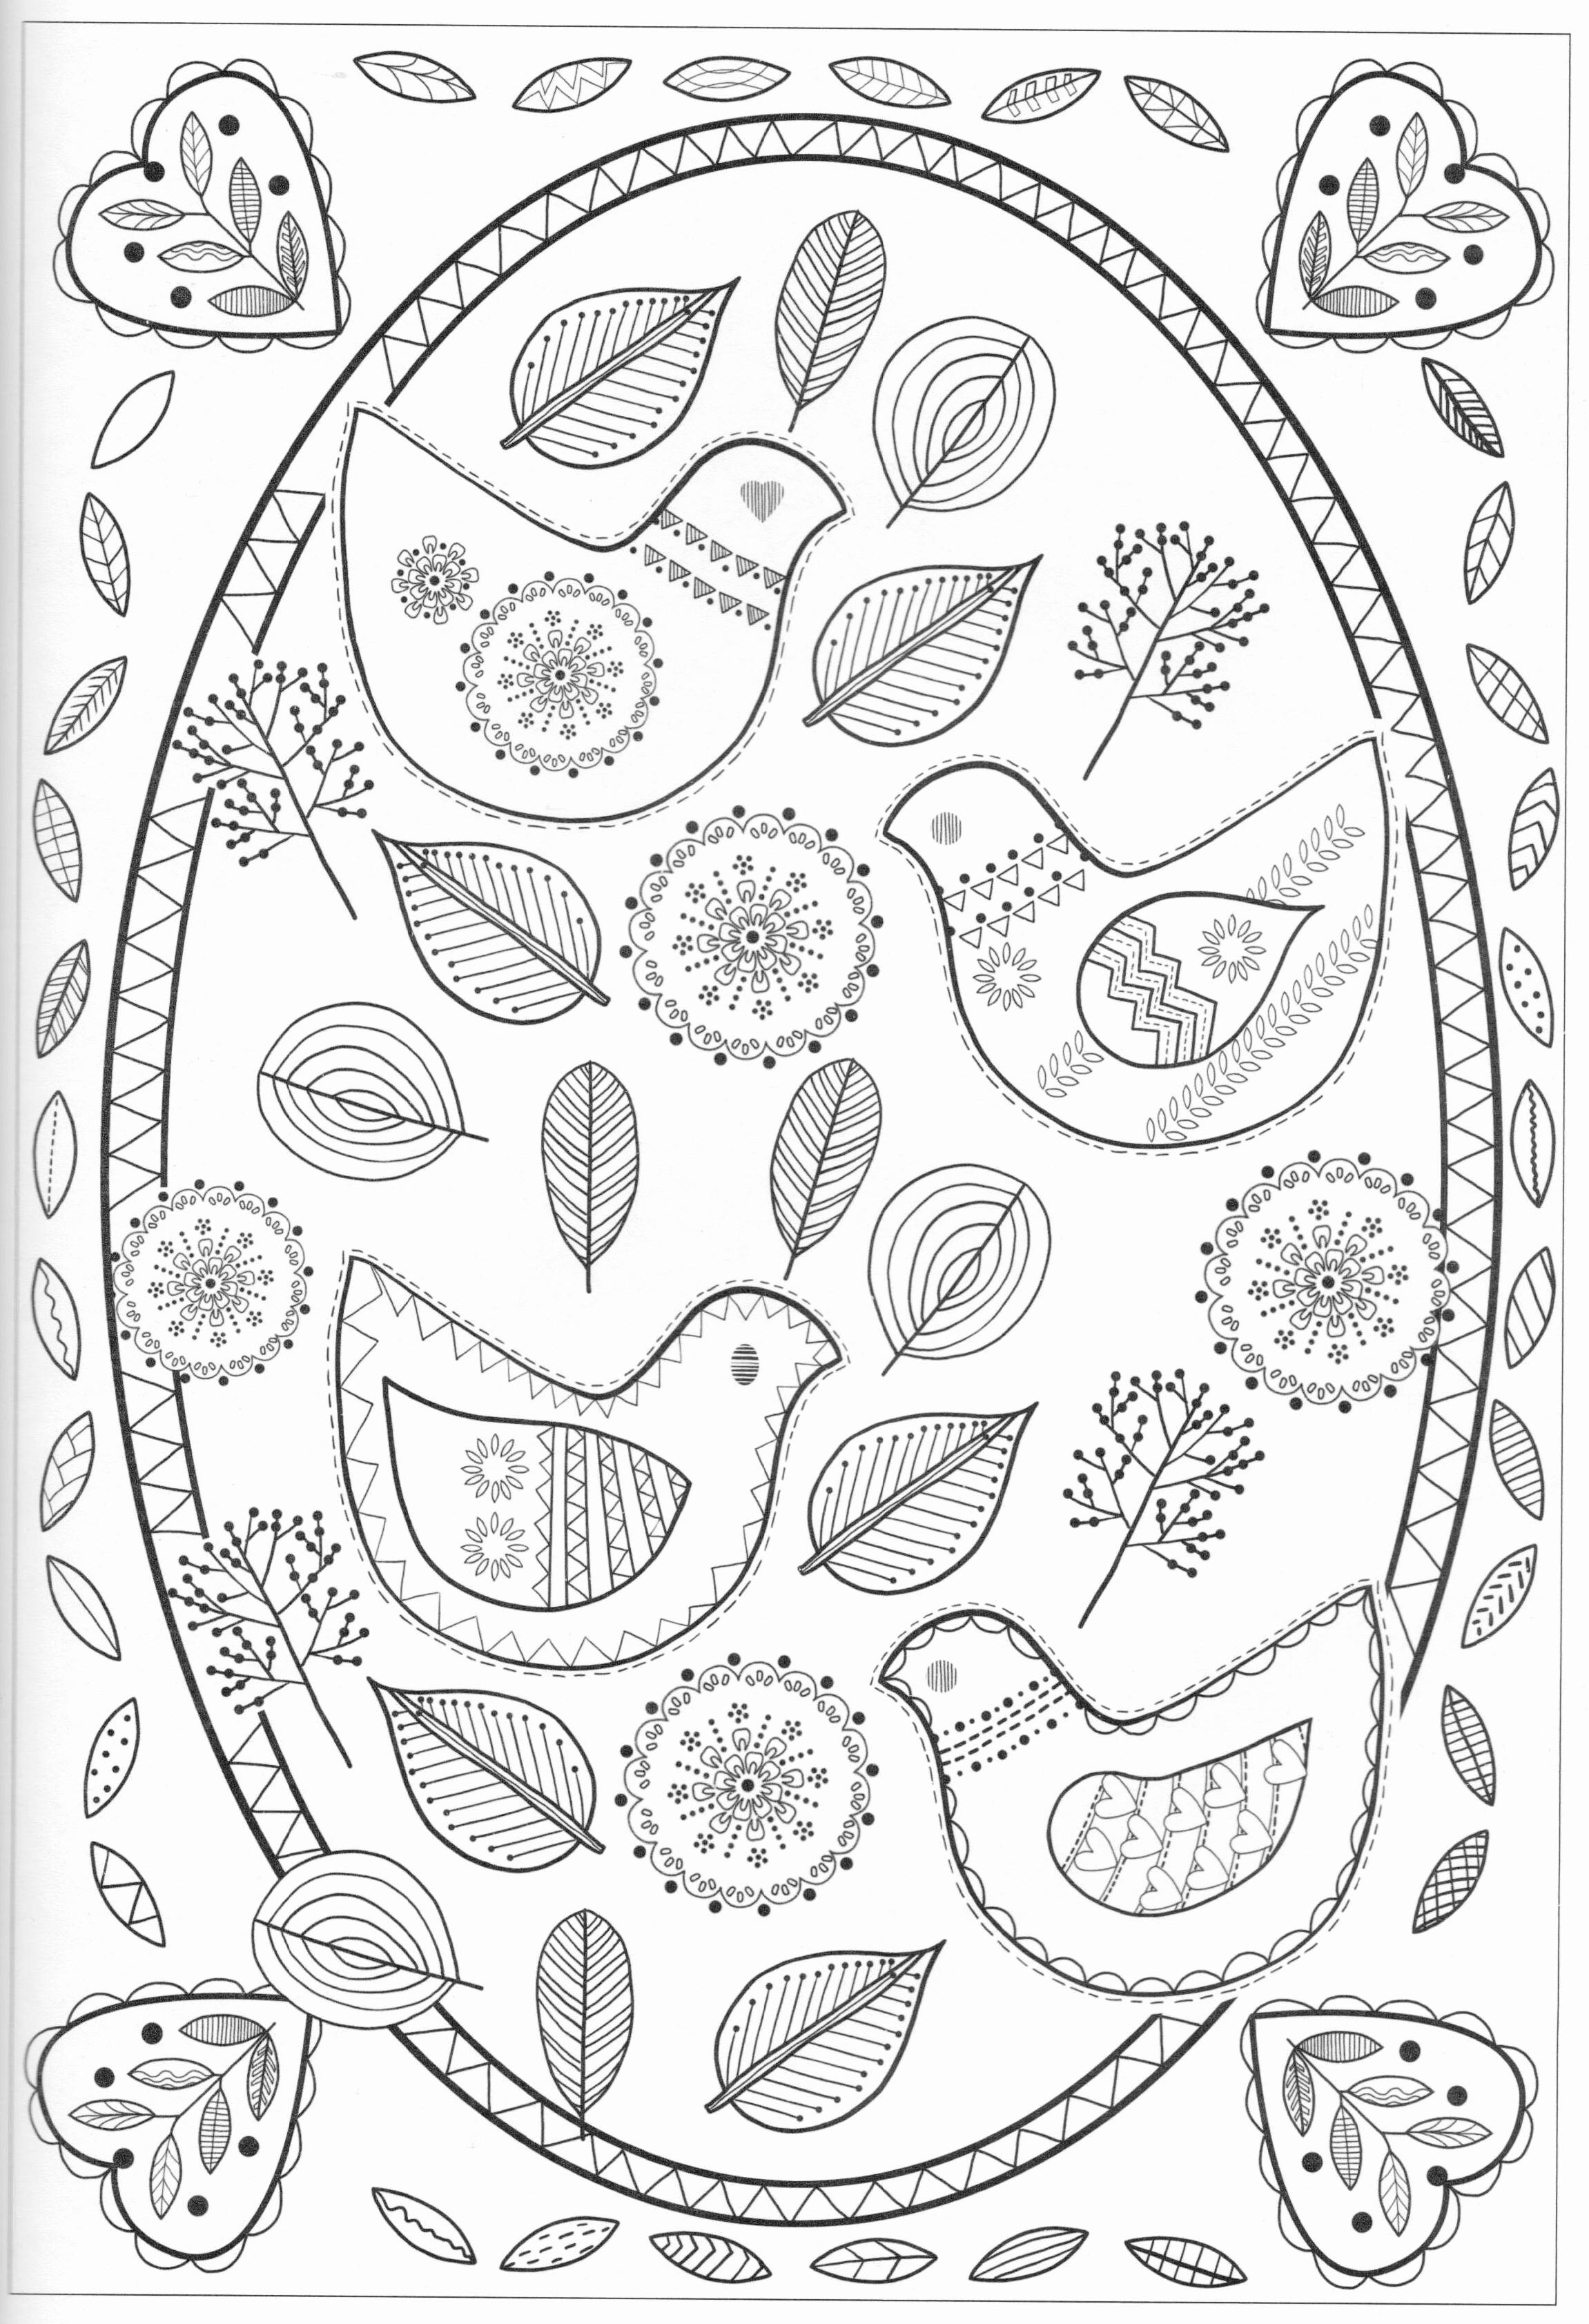 Malvorlage Biene Maja Das Beste Von Ausmalbilder Biene Maja Einzigartig Pj Mask Ausmalbilder Einzigartig Fotos